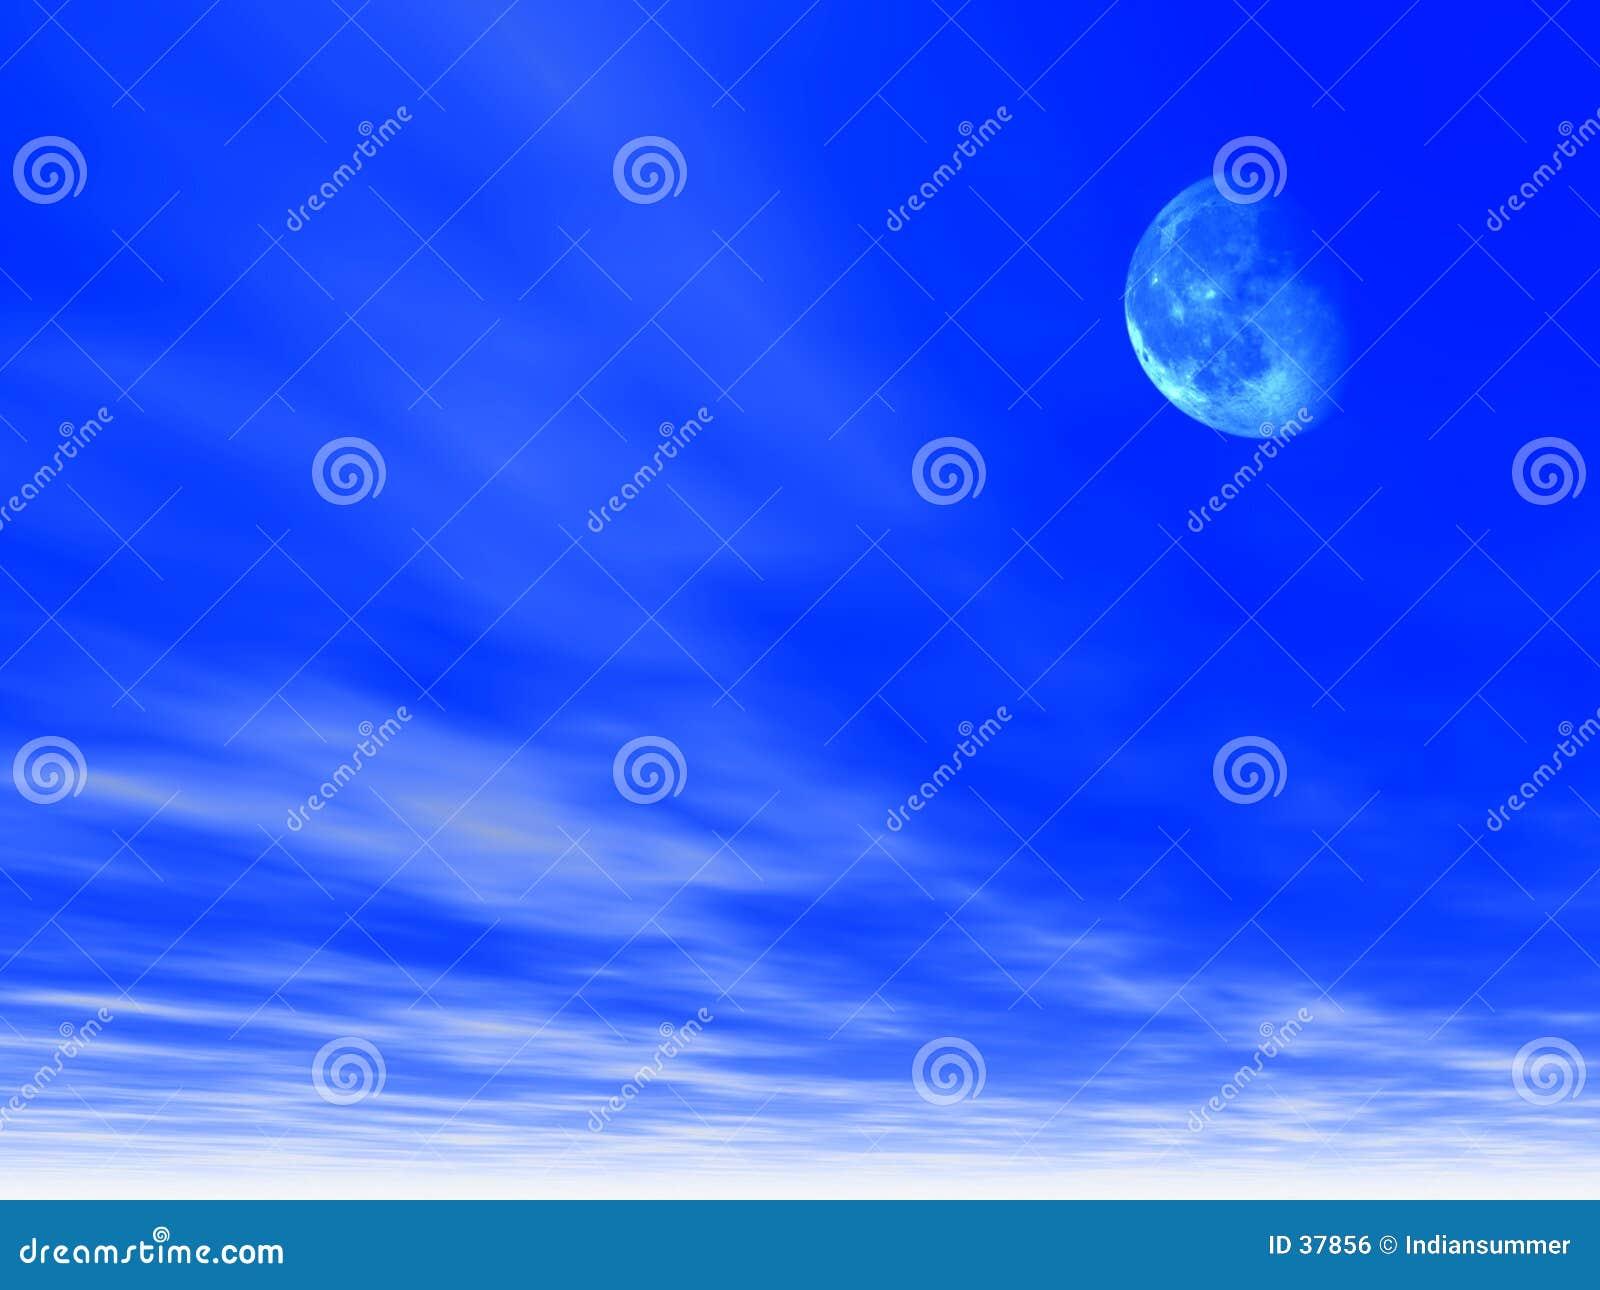 Download Himmelhintergrund mit Mond stock abbildung. Illustration von bild - 37856